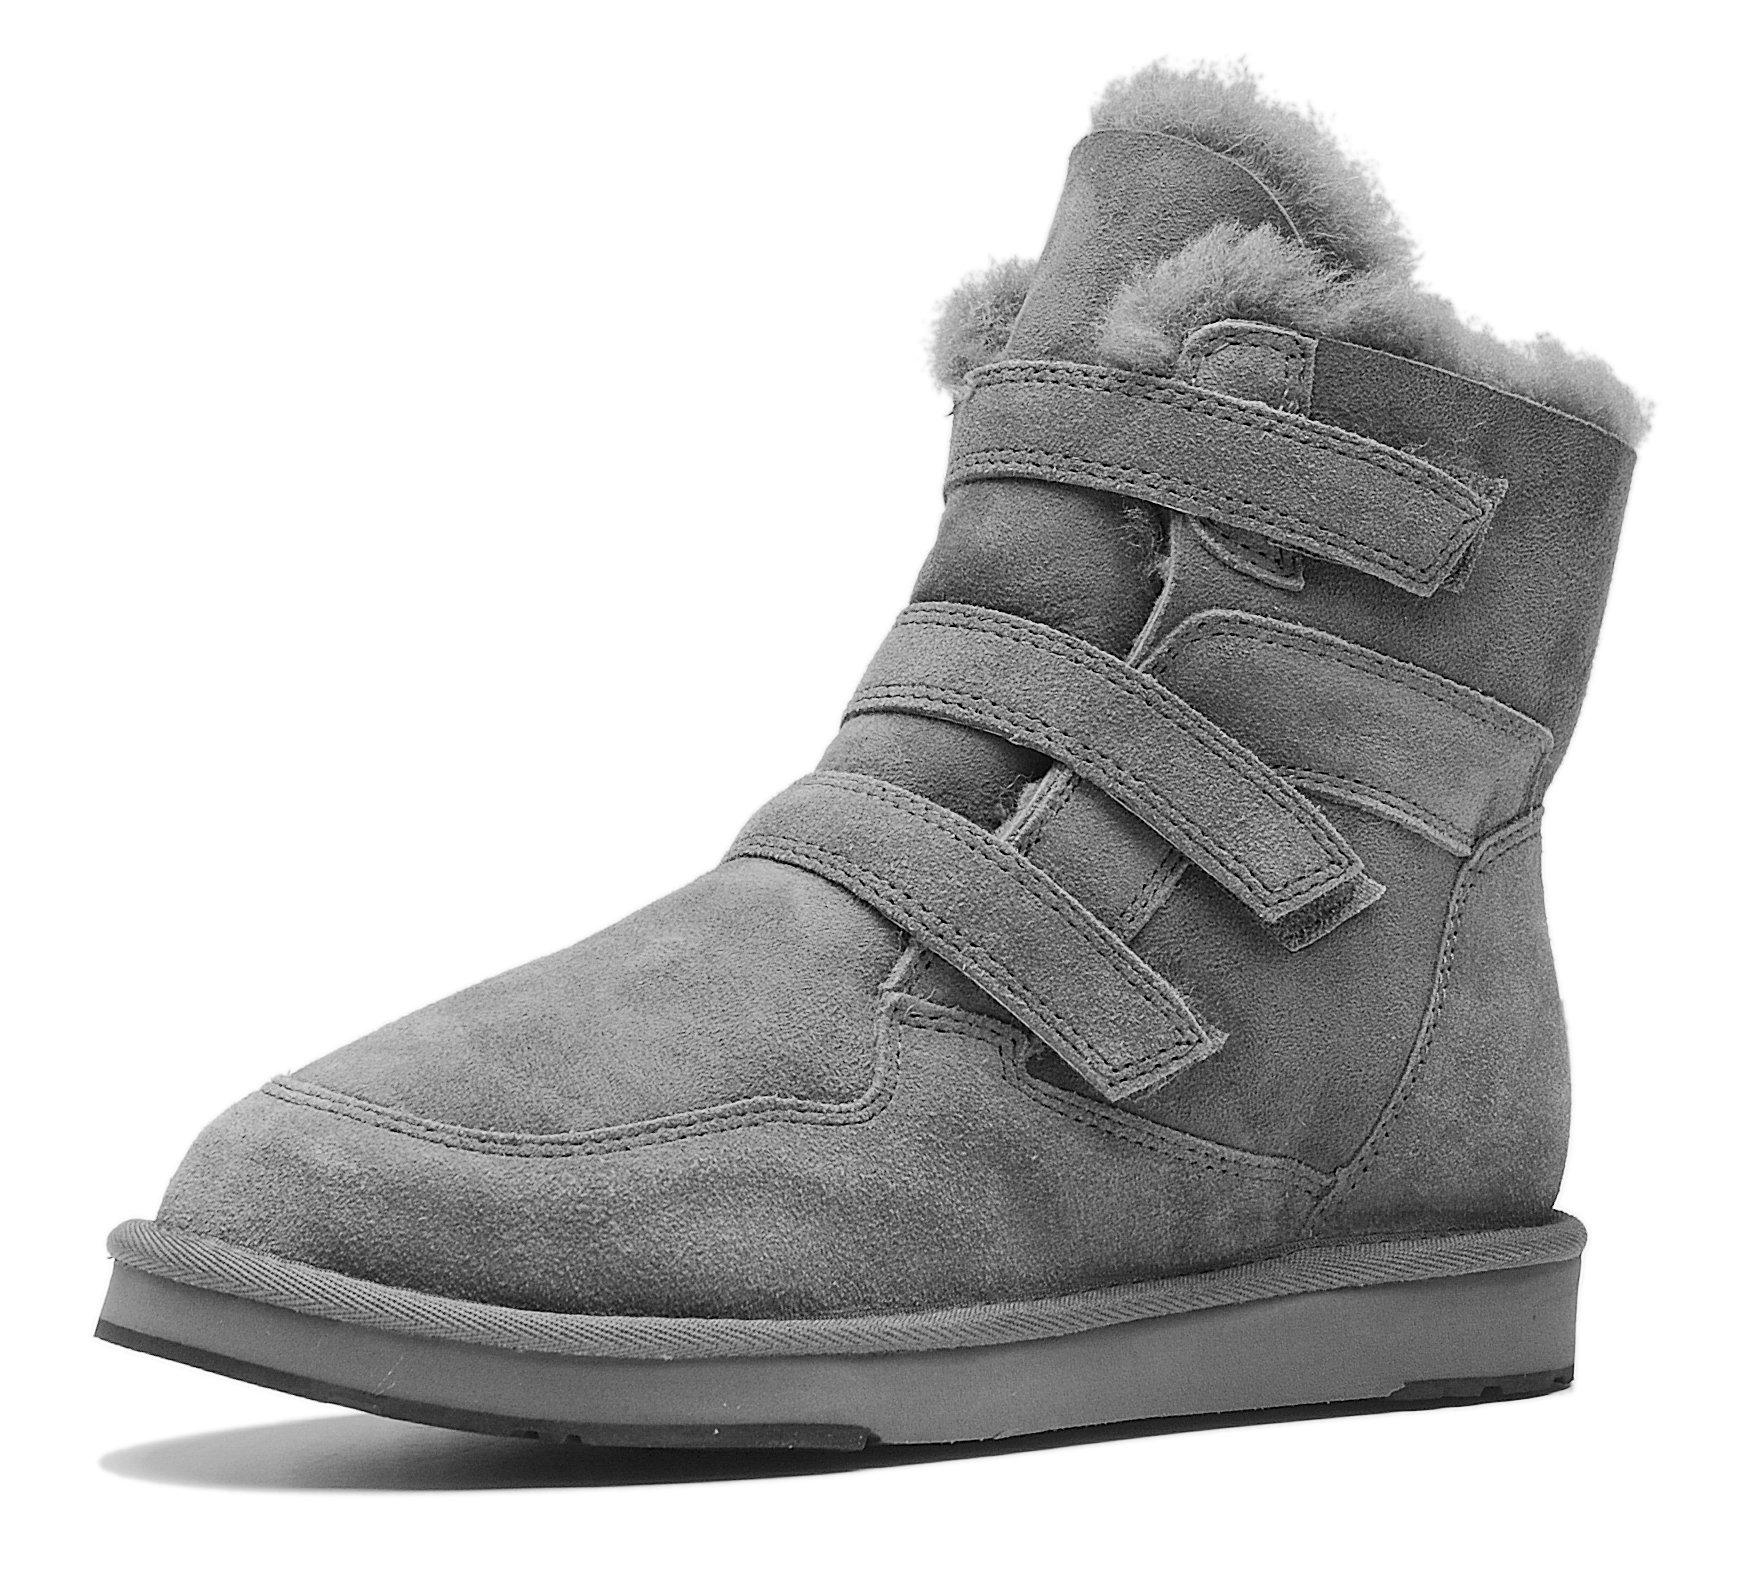 AU&MU AUMU Women's Suede Sheepskin Winter Snow Boots Grey Size 7 by AU&MU